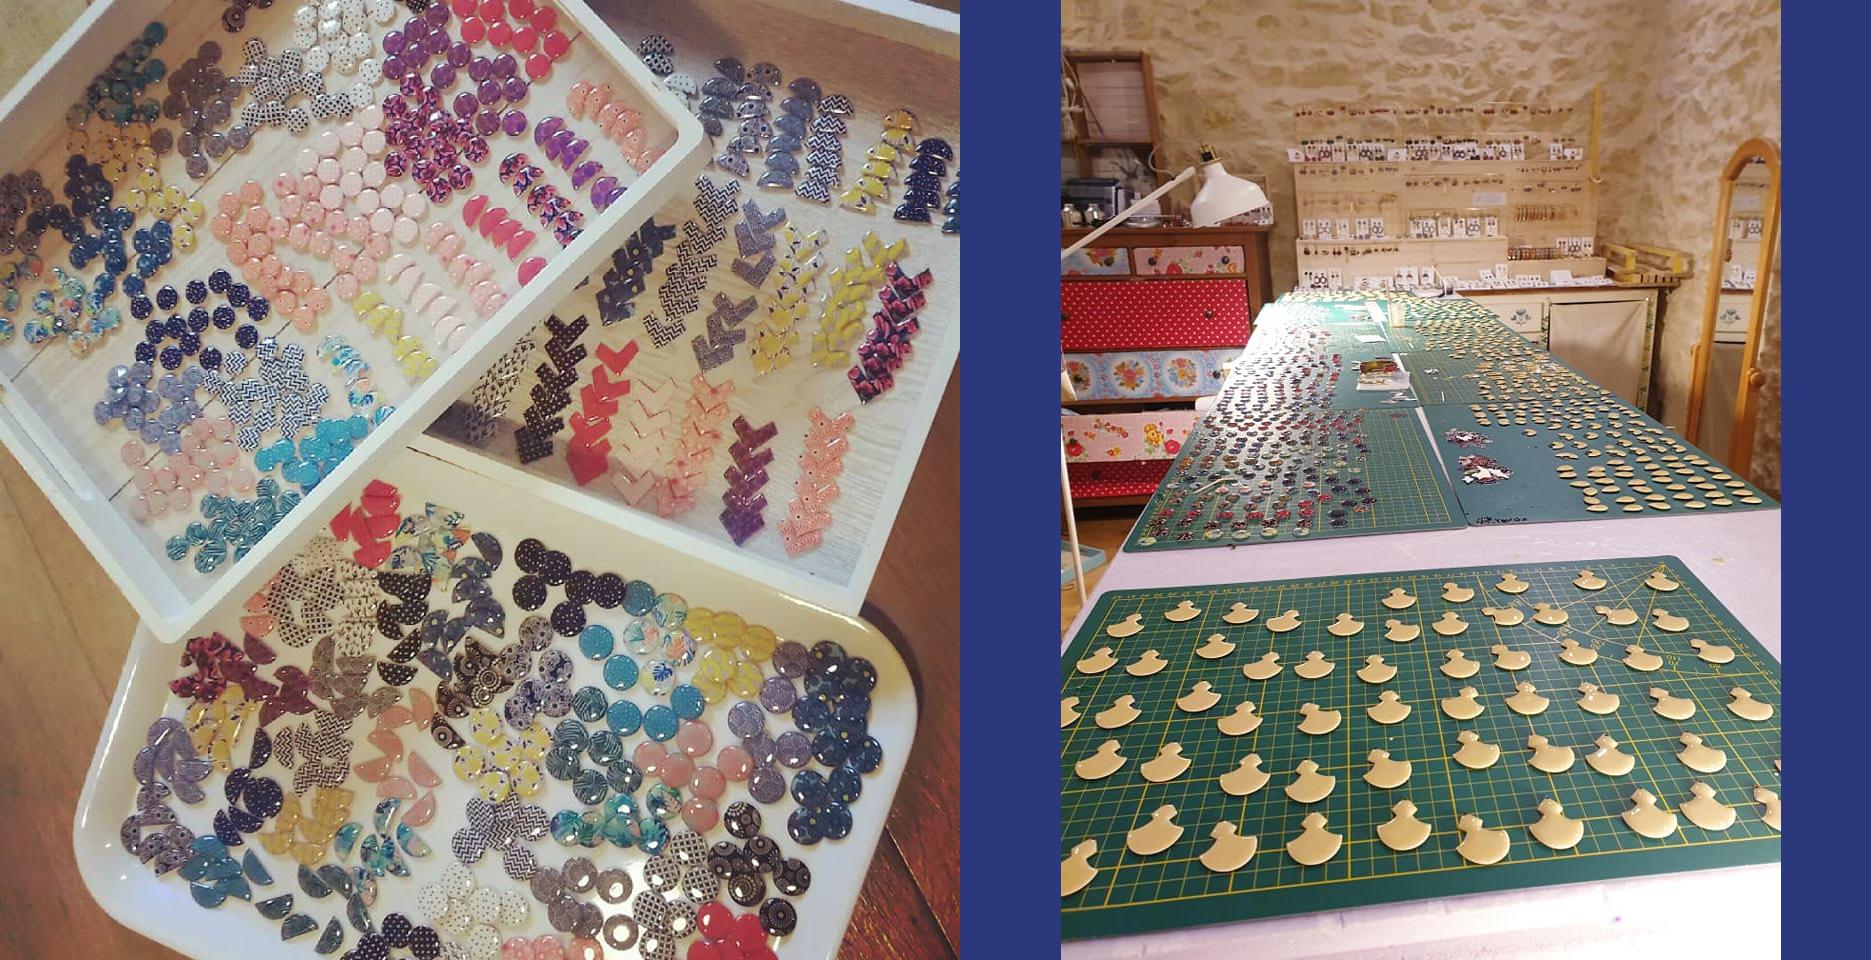 Production artisanale de bijoux La Belle Camille